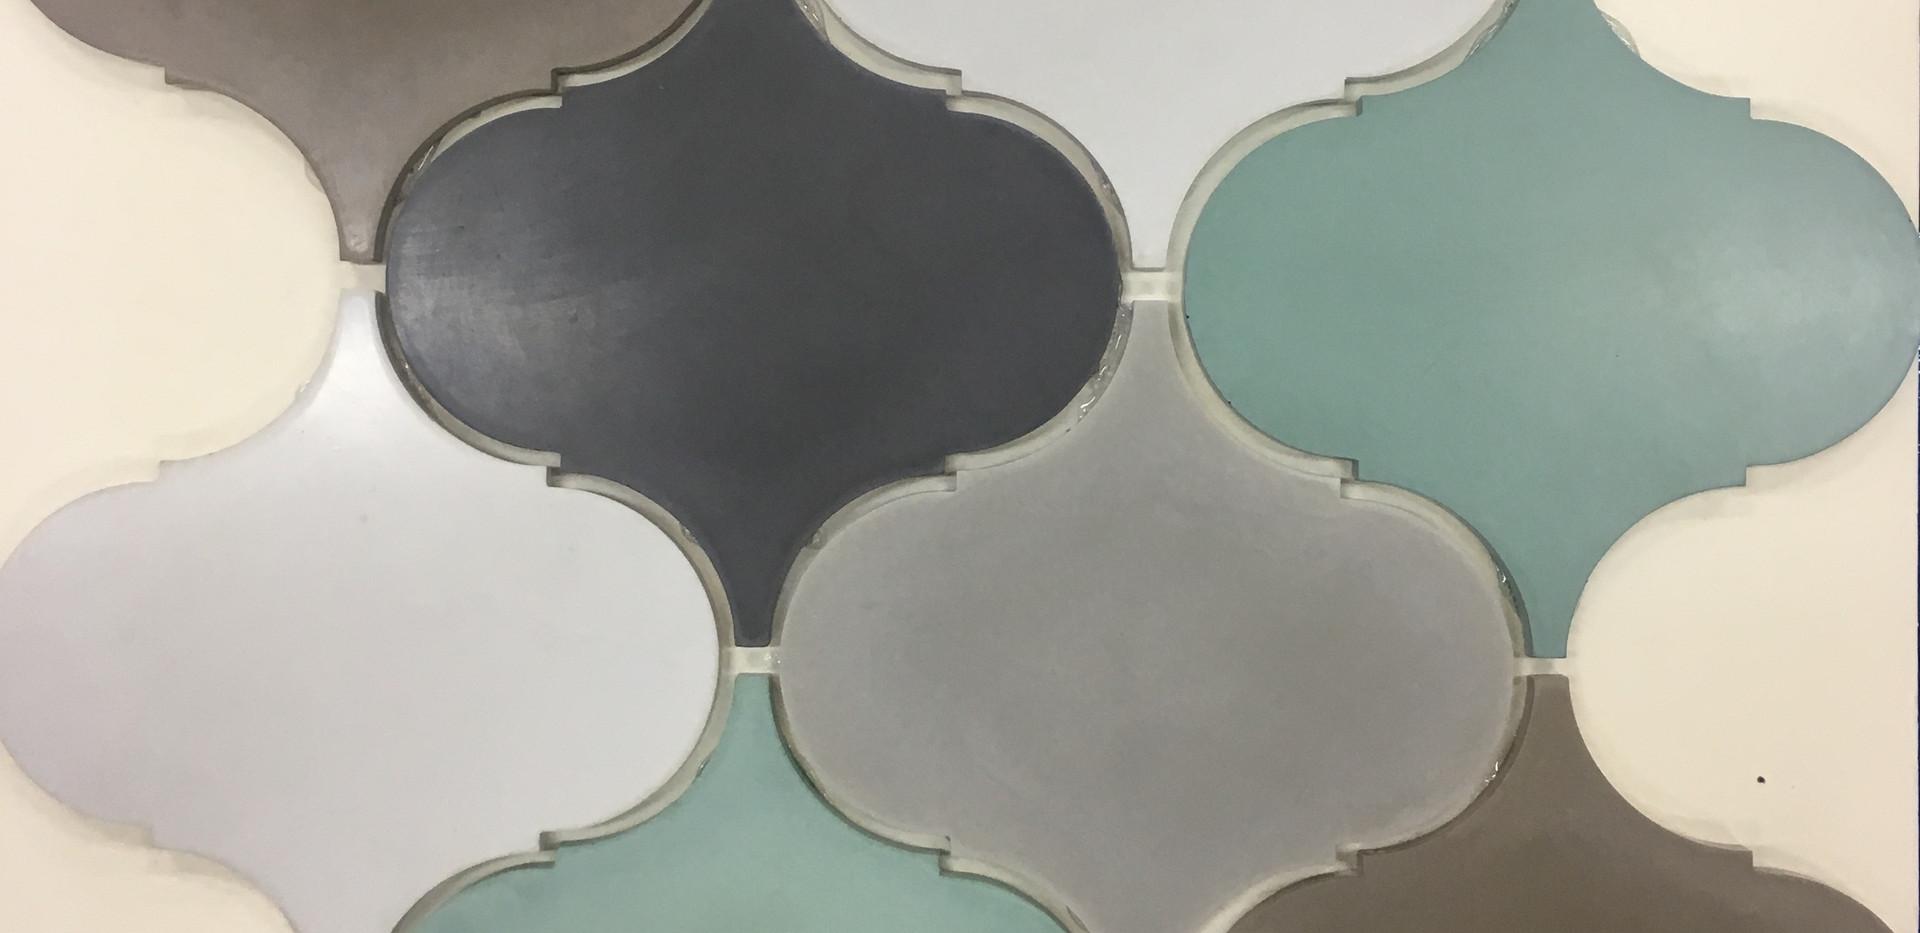 אריחי כנורות מבטון בגווני אפור ירוק חום ושחור